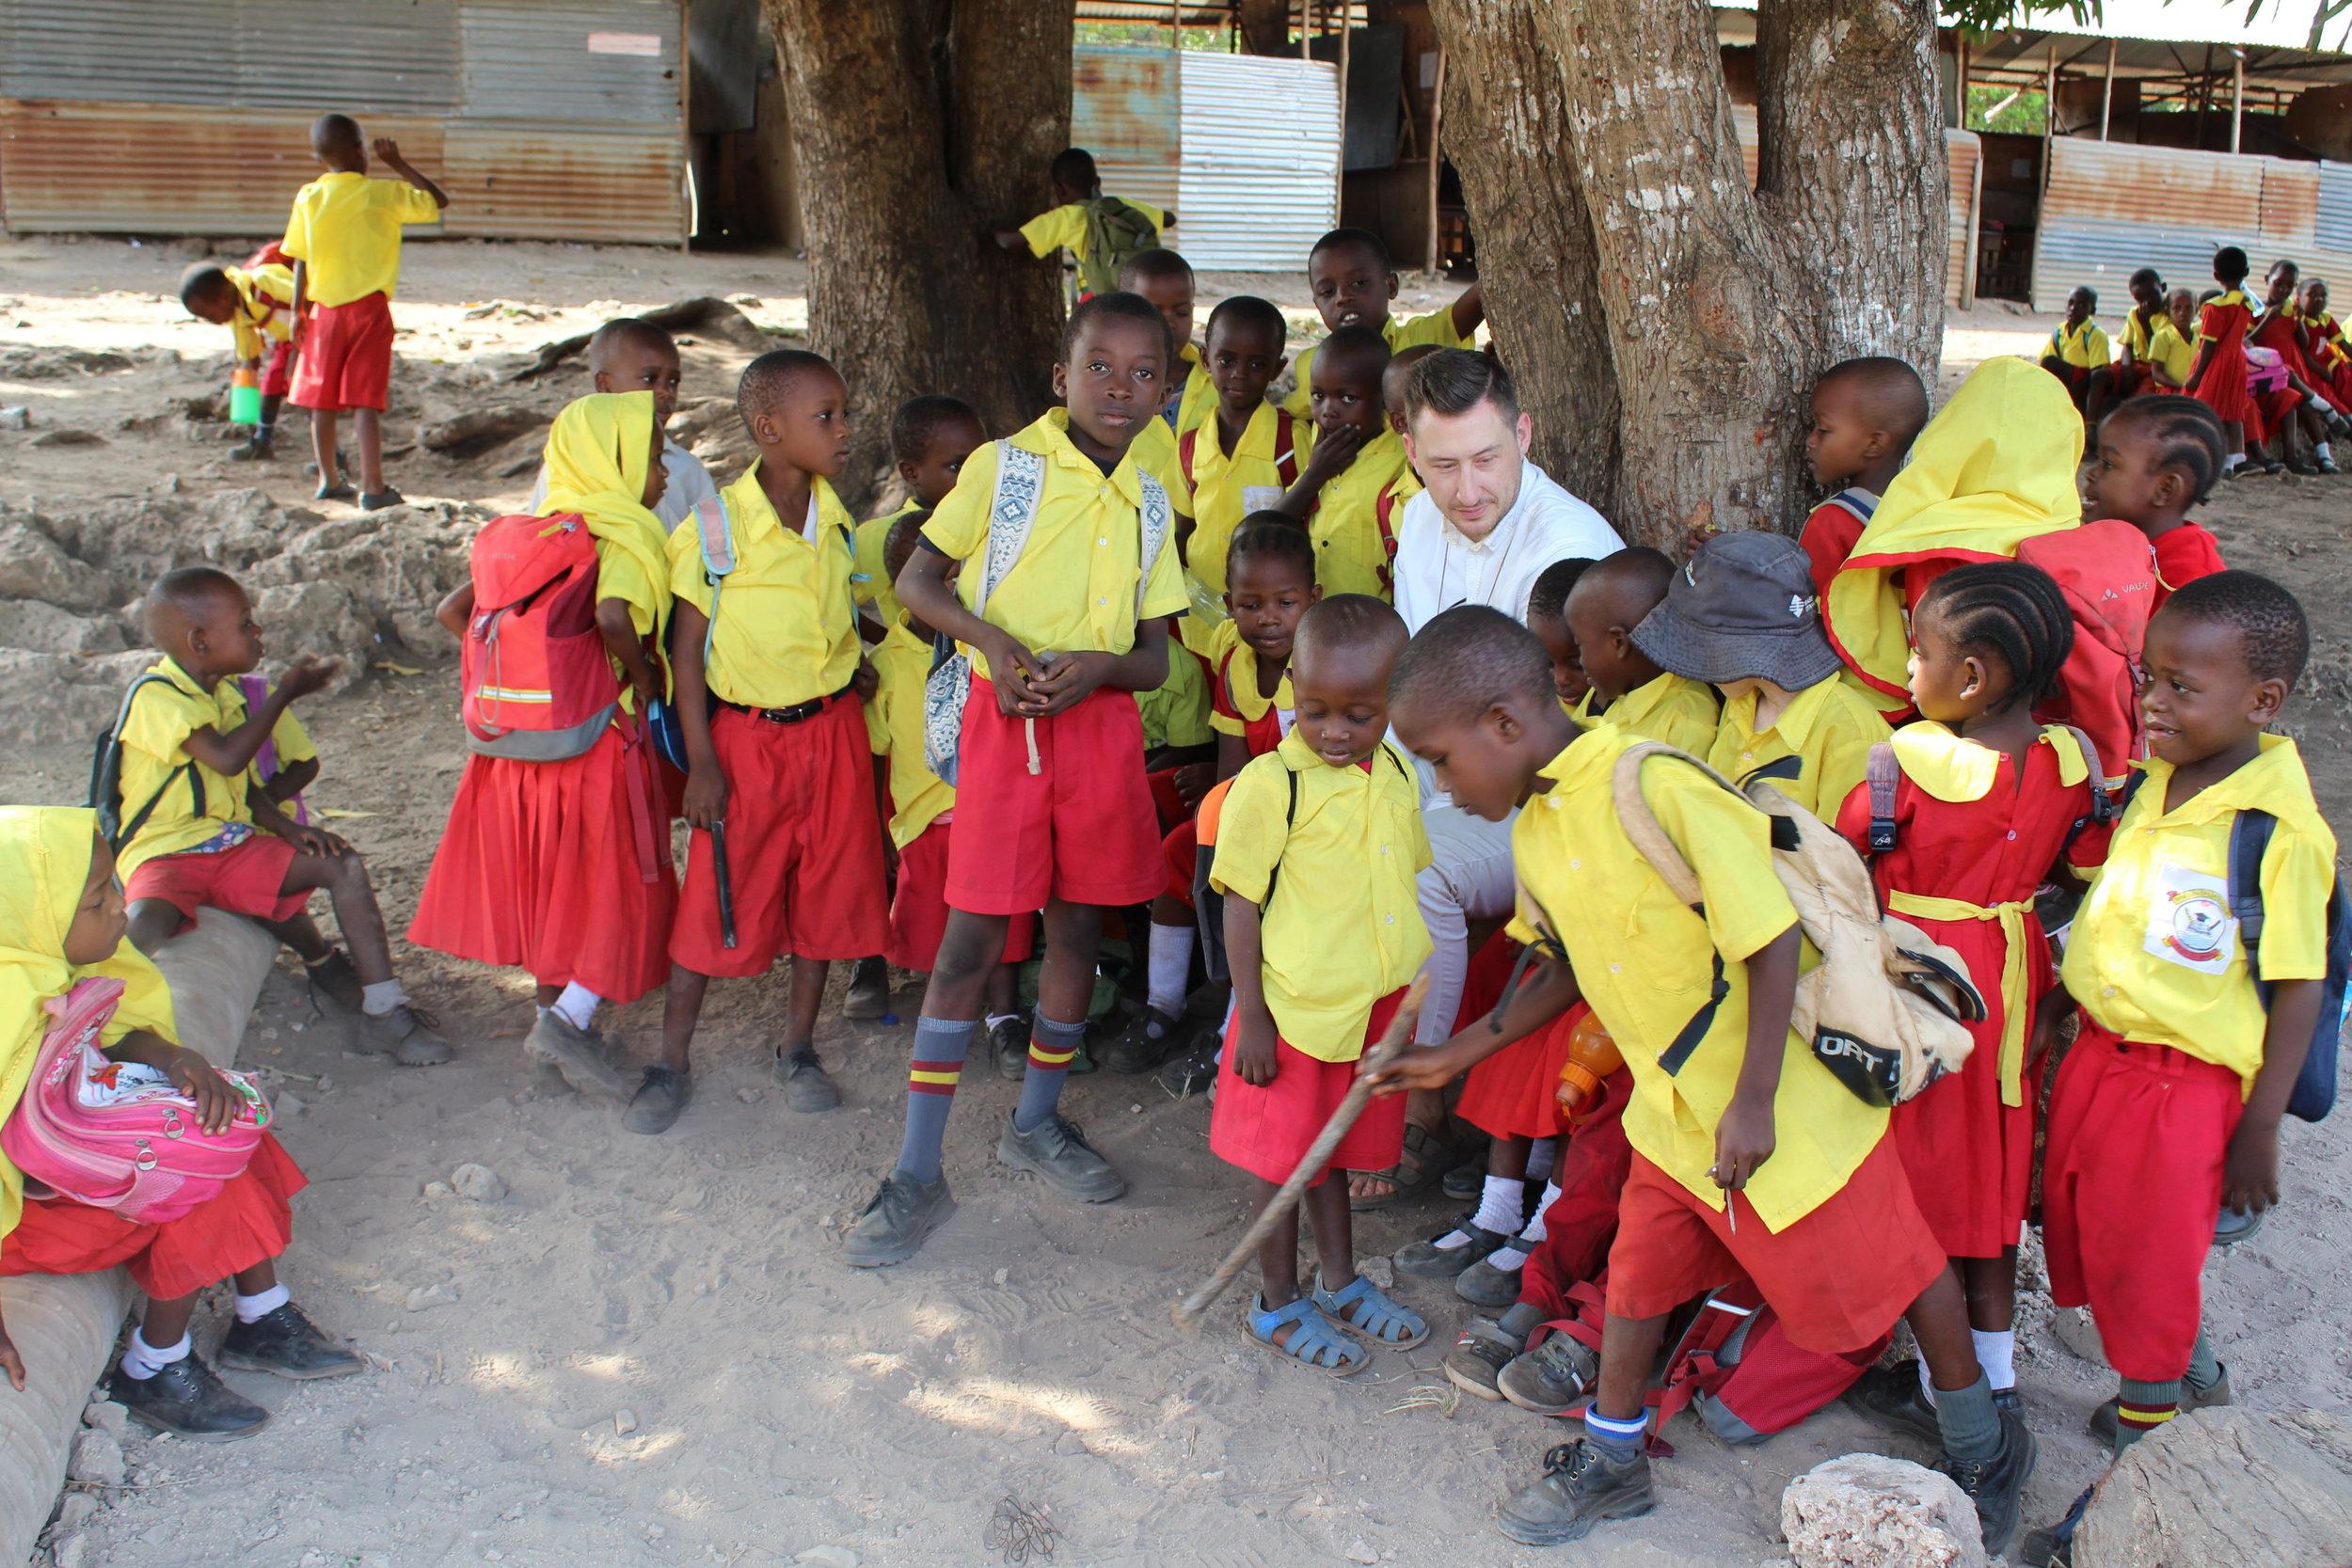 Gerade die jüngeren Kinder freuen sich über jeden Besuch an der Shine School